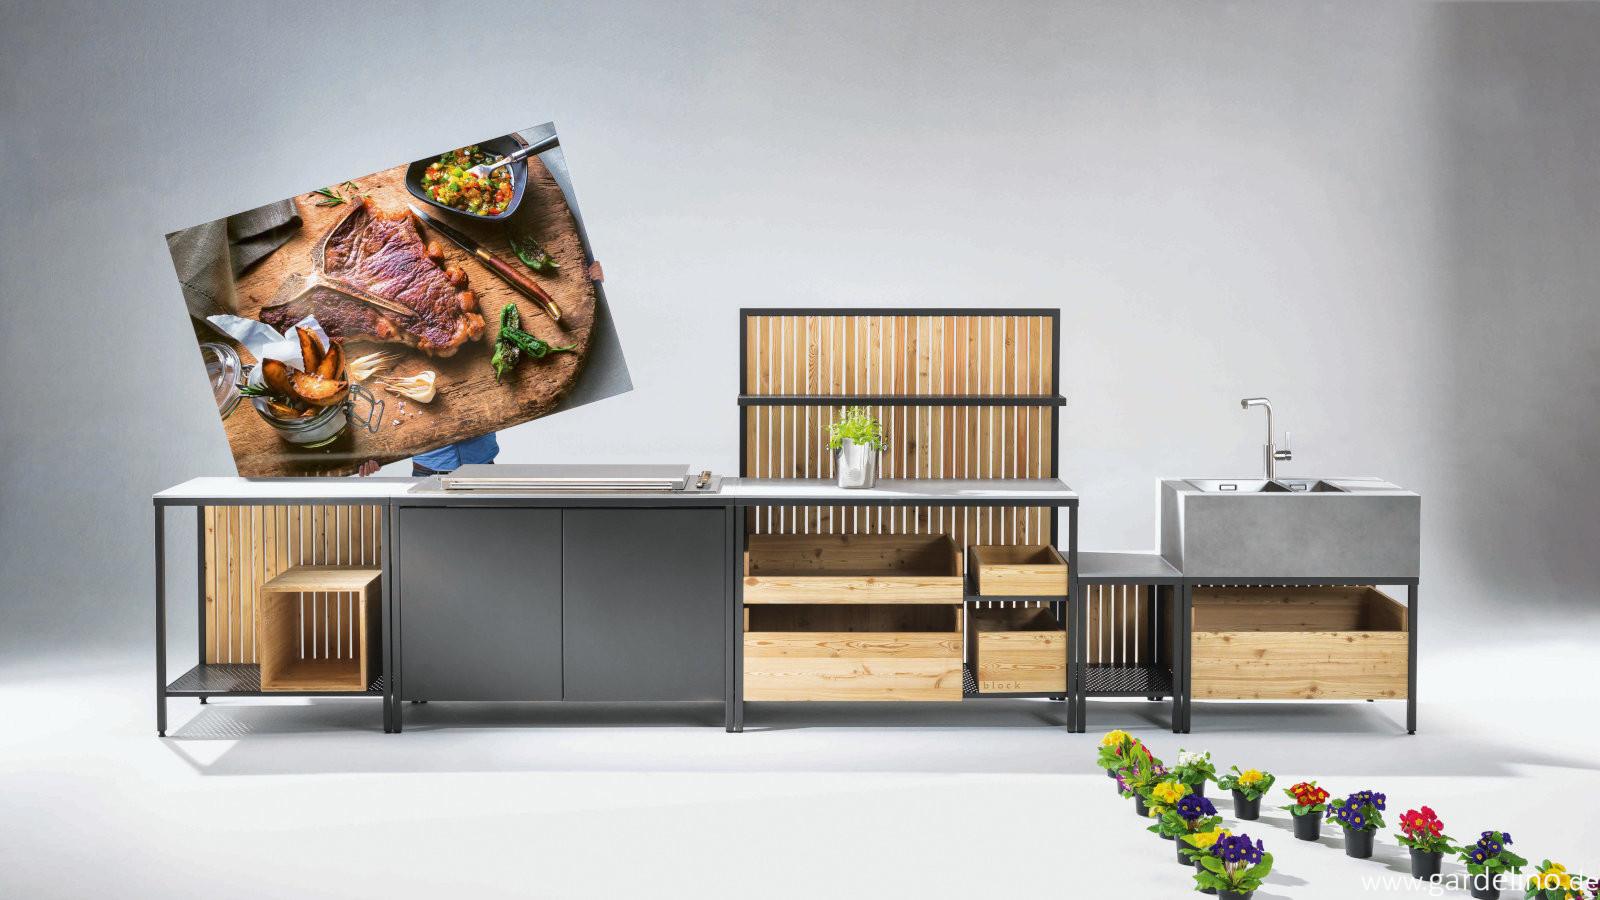 Outdoor Küche Block : Kaufmann grillkitchen block outdoor küche bei gardelino